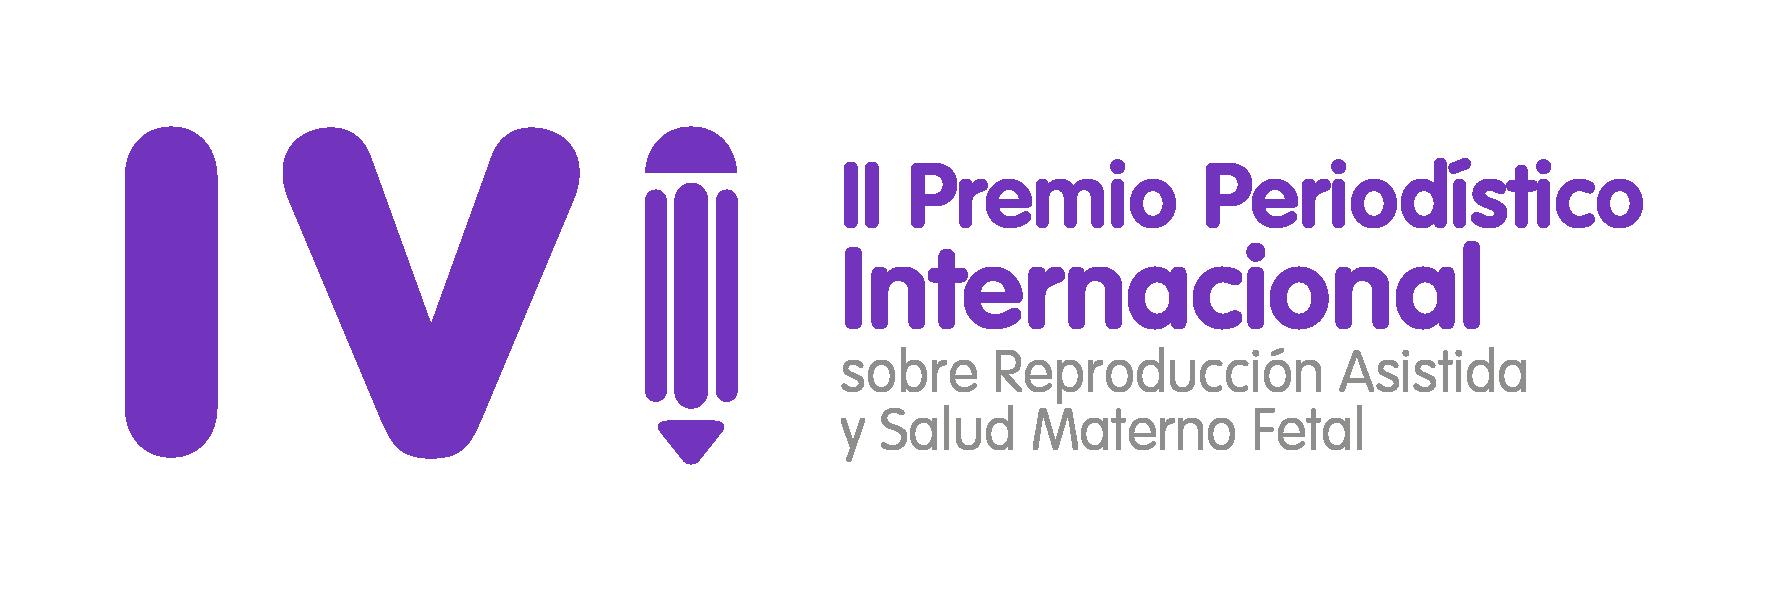 Premio Periodístico Internacional